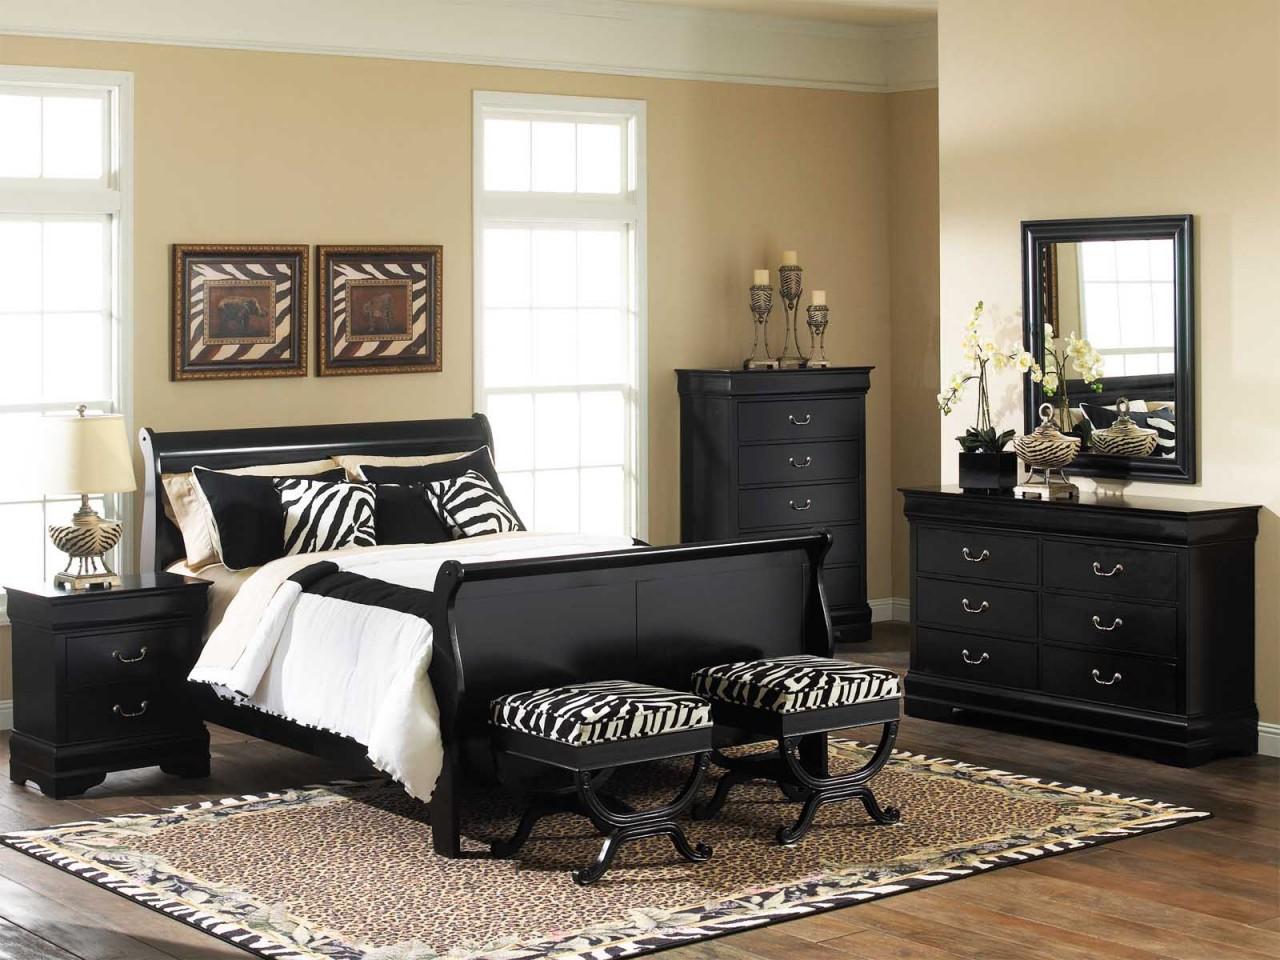 bedroom ideas black furniture photo - 7